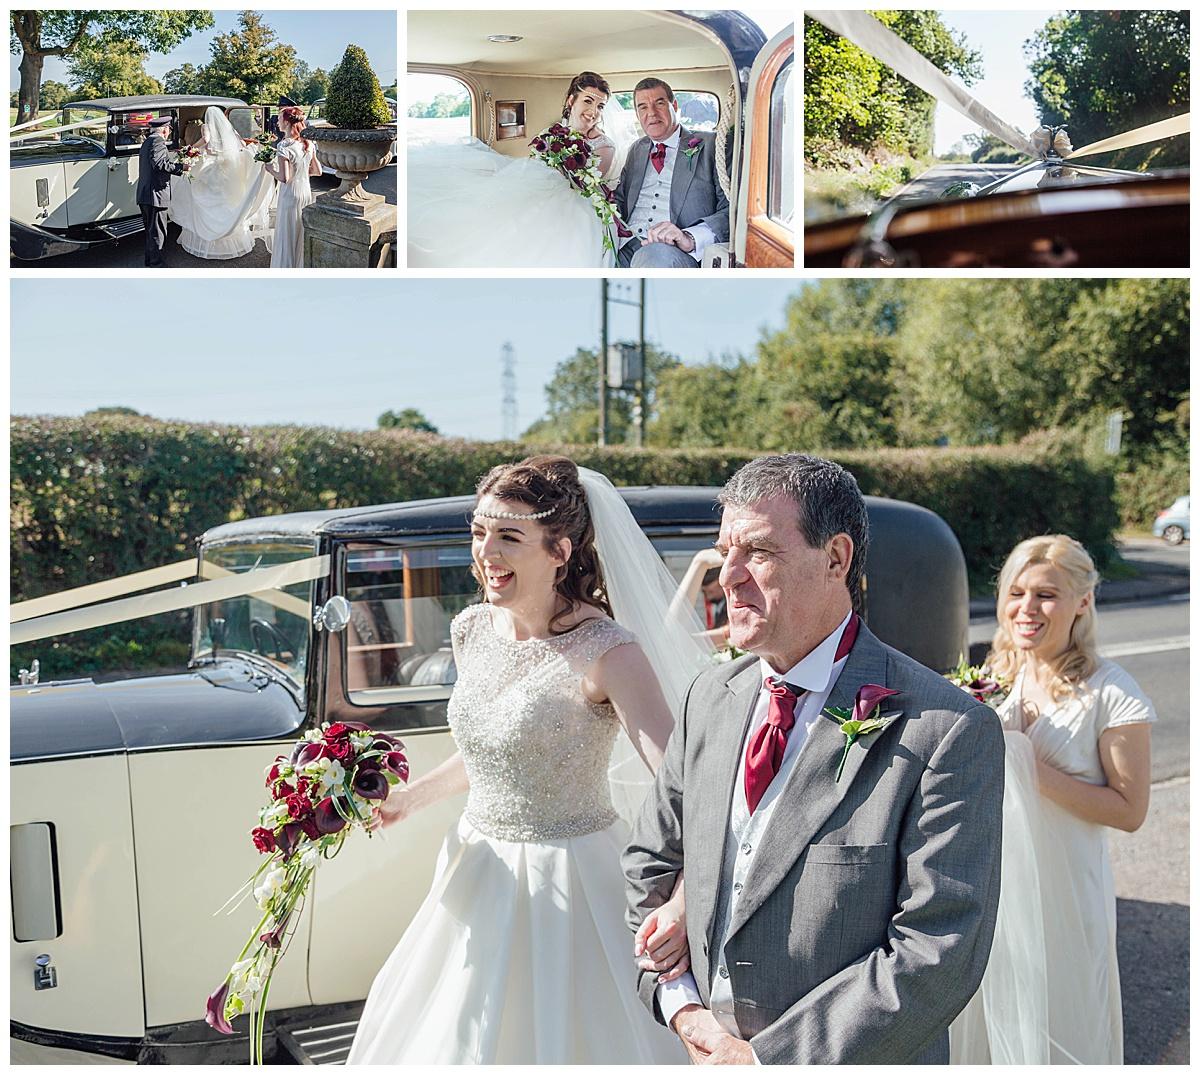 Bride getting in bridal car